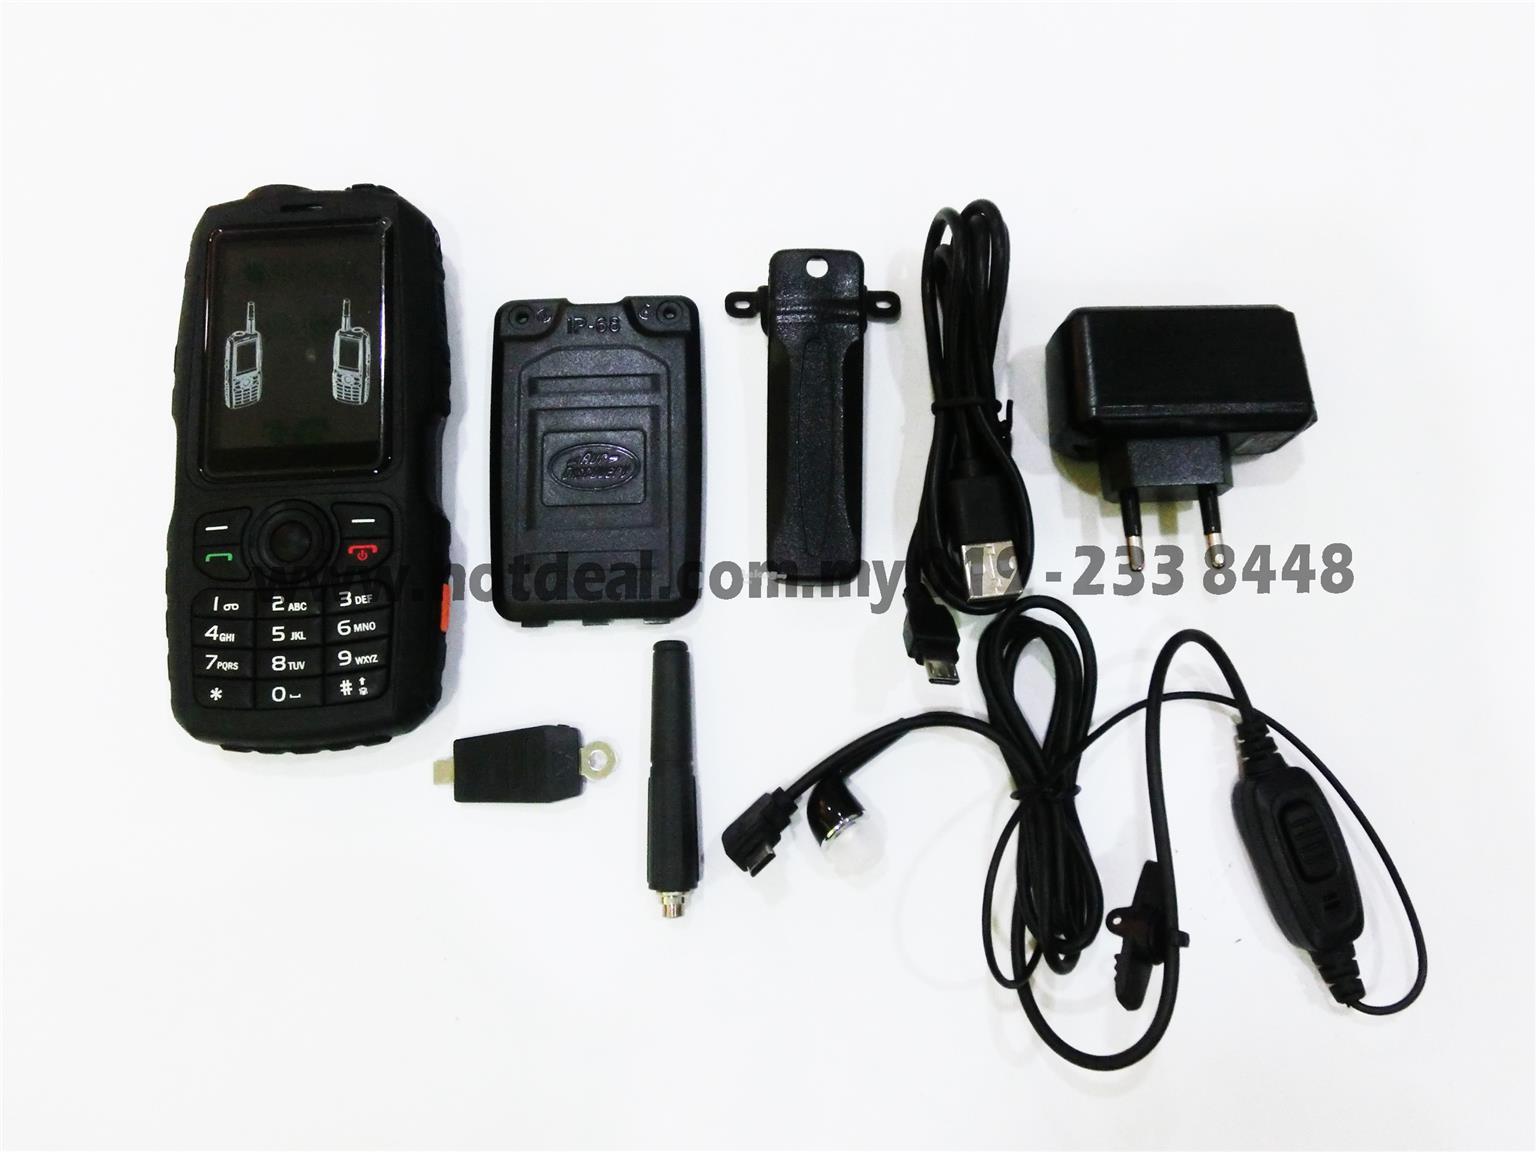 F18 zello phone walkie talkie